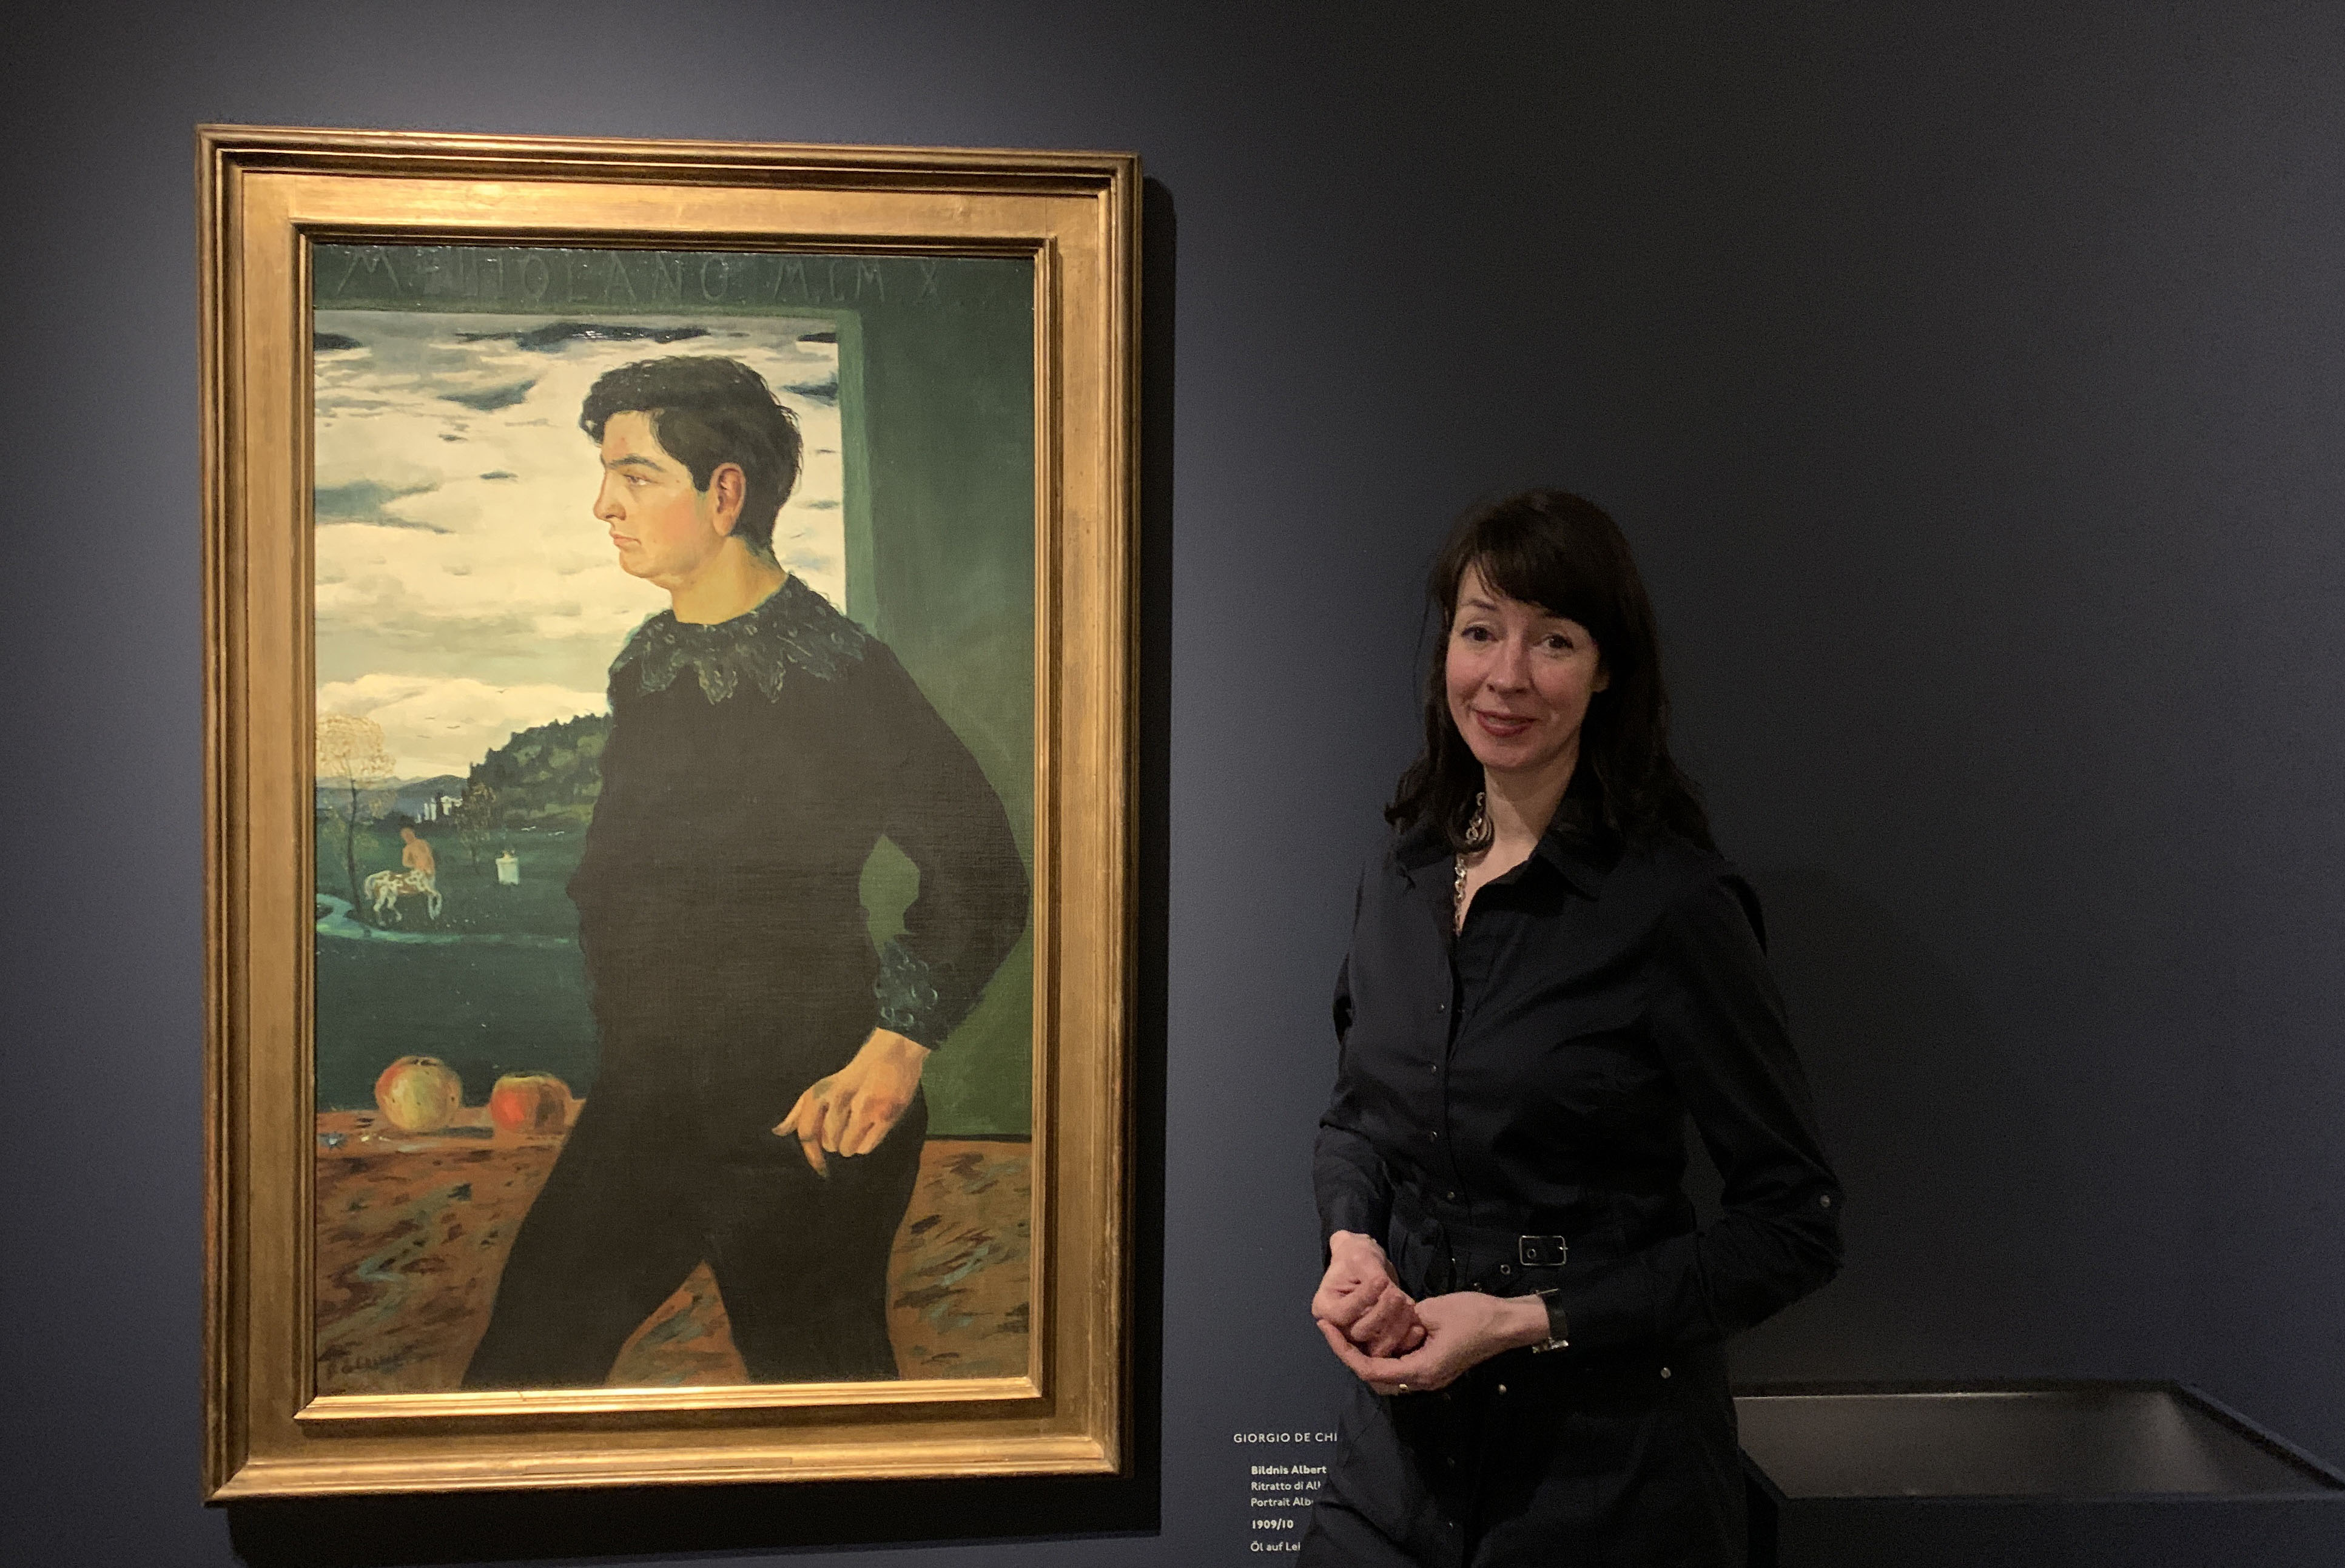 Ausstellung De Chirico. Magische Wirklichkeit mit Kuratorin Dr. Annabelle Görgen-Lammers, Foto Hamburger Kunsthalle